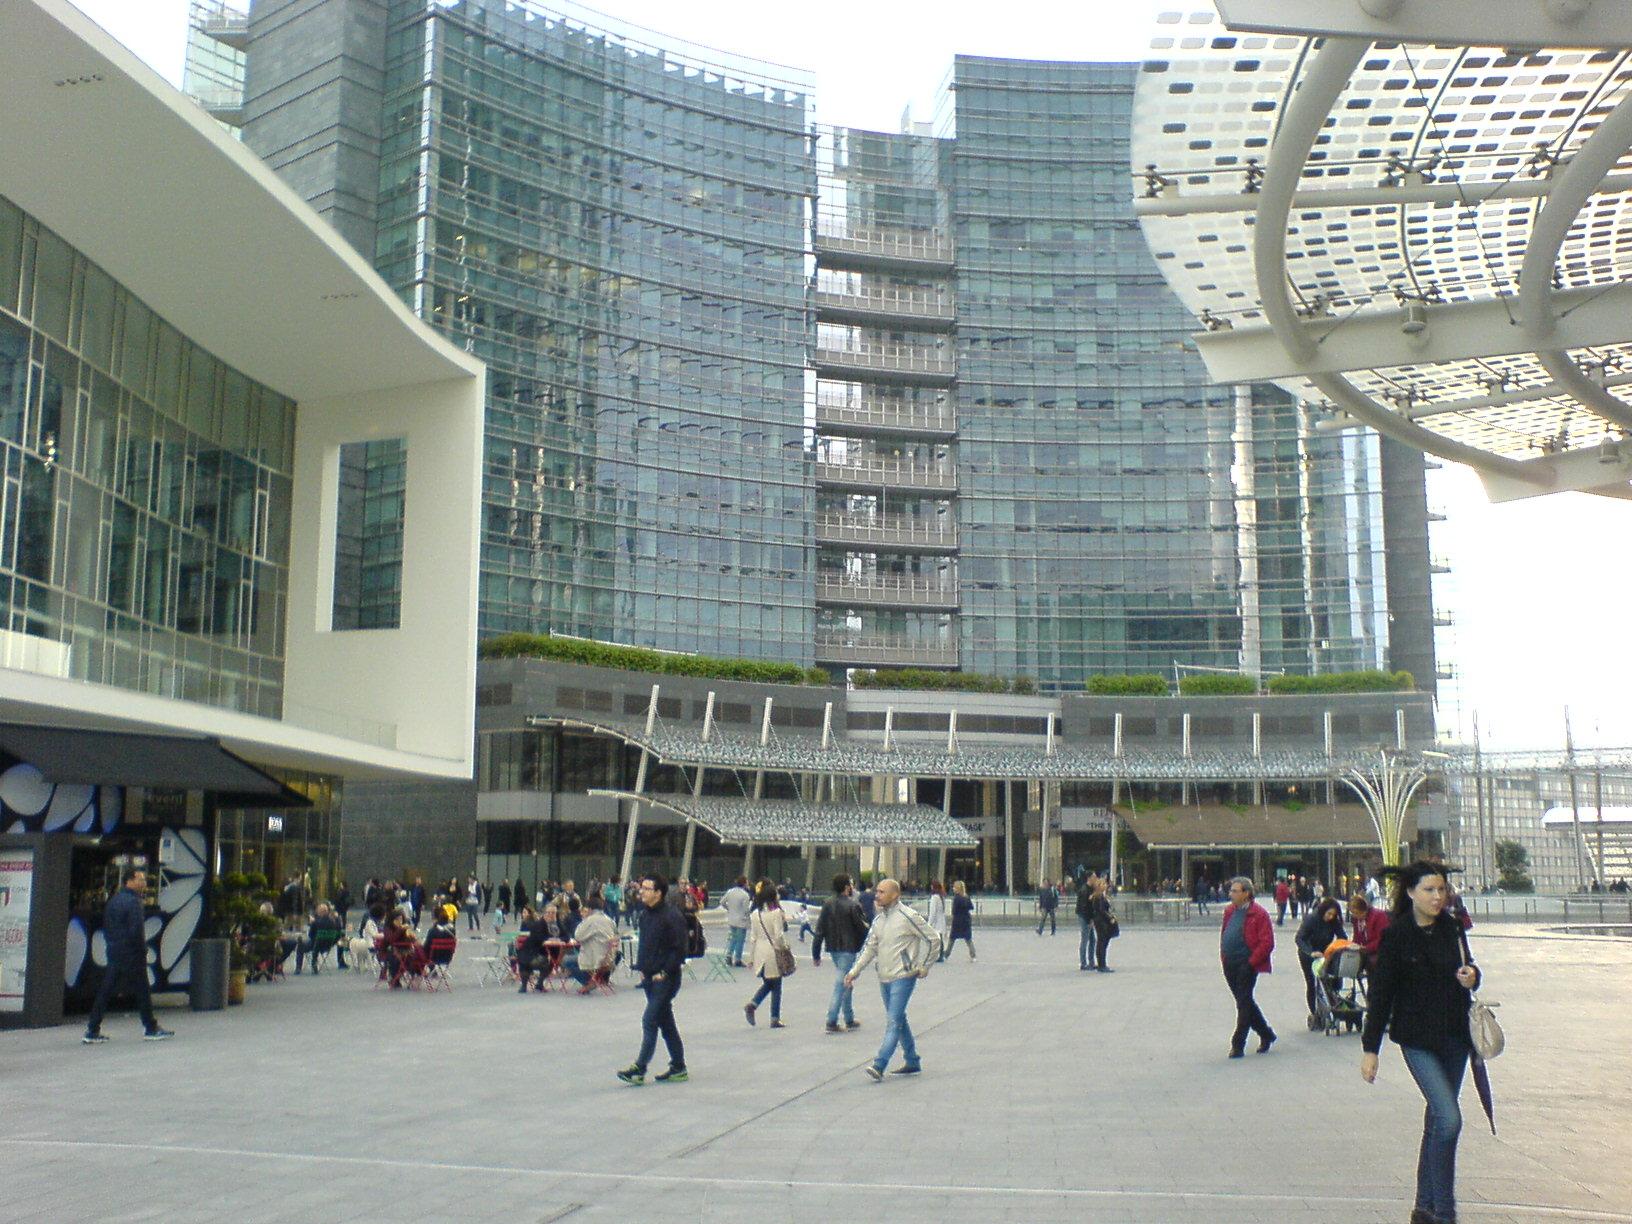 ミラノがどんどん好きになる。この10年で本当のデザイン都市になった印象。_c0061896_633046.jpg